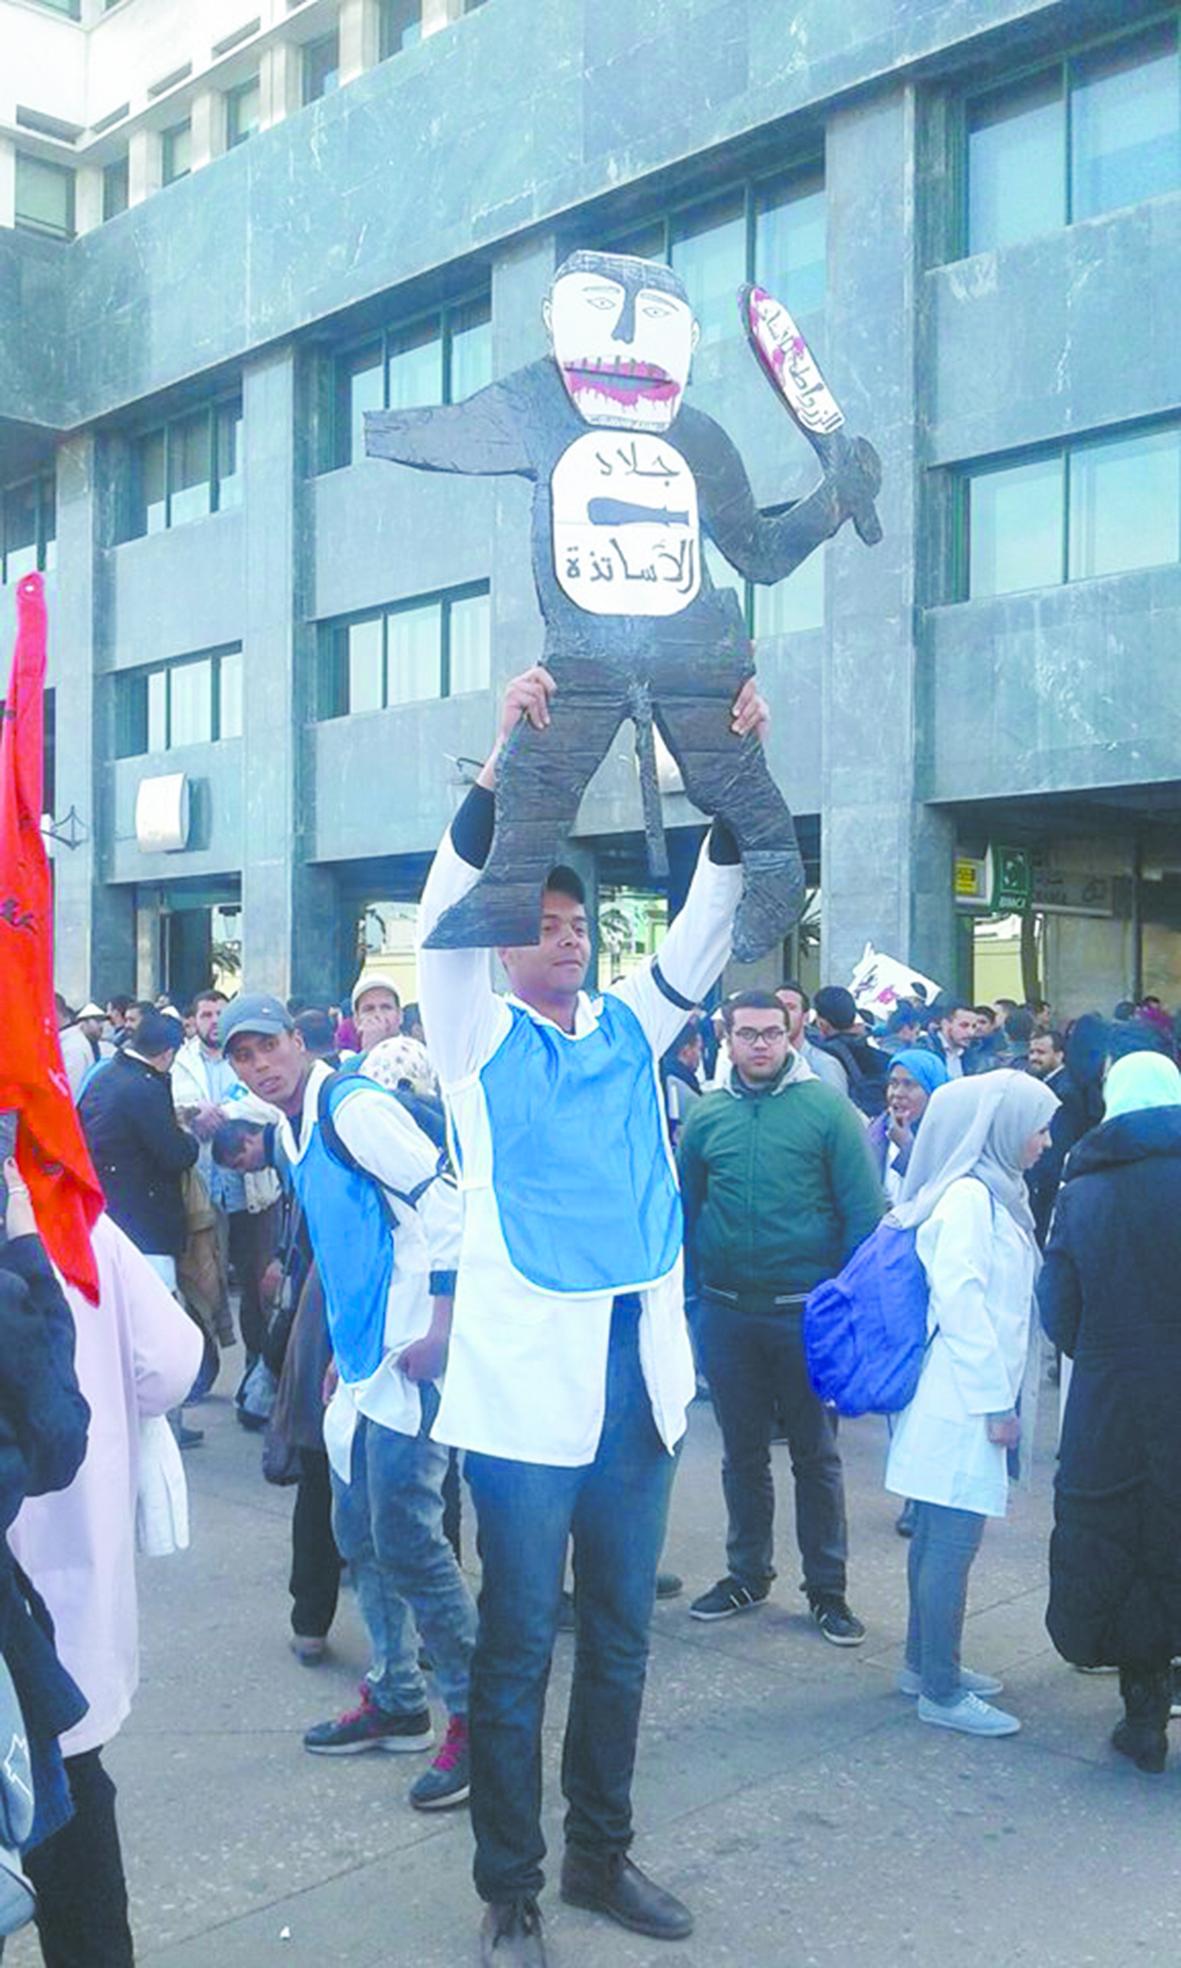 Poursuite de la levée de boucliers des futurs enseignants et médecins contre le gouvernement Benkirane